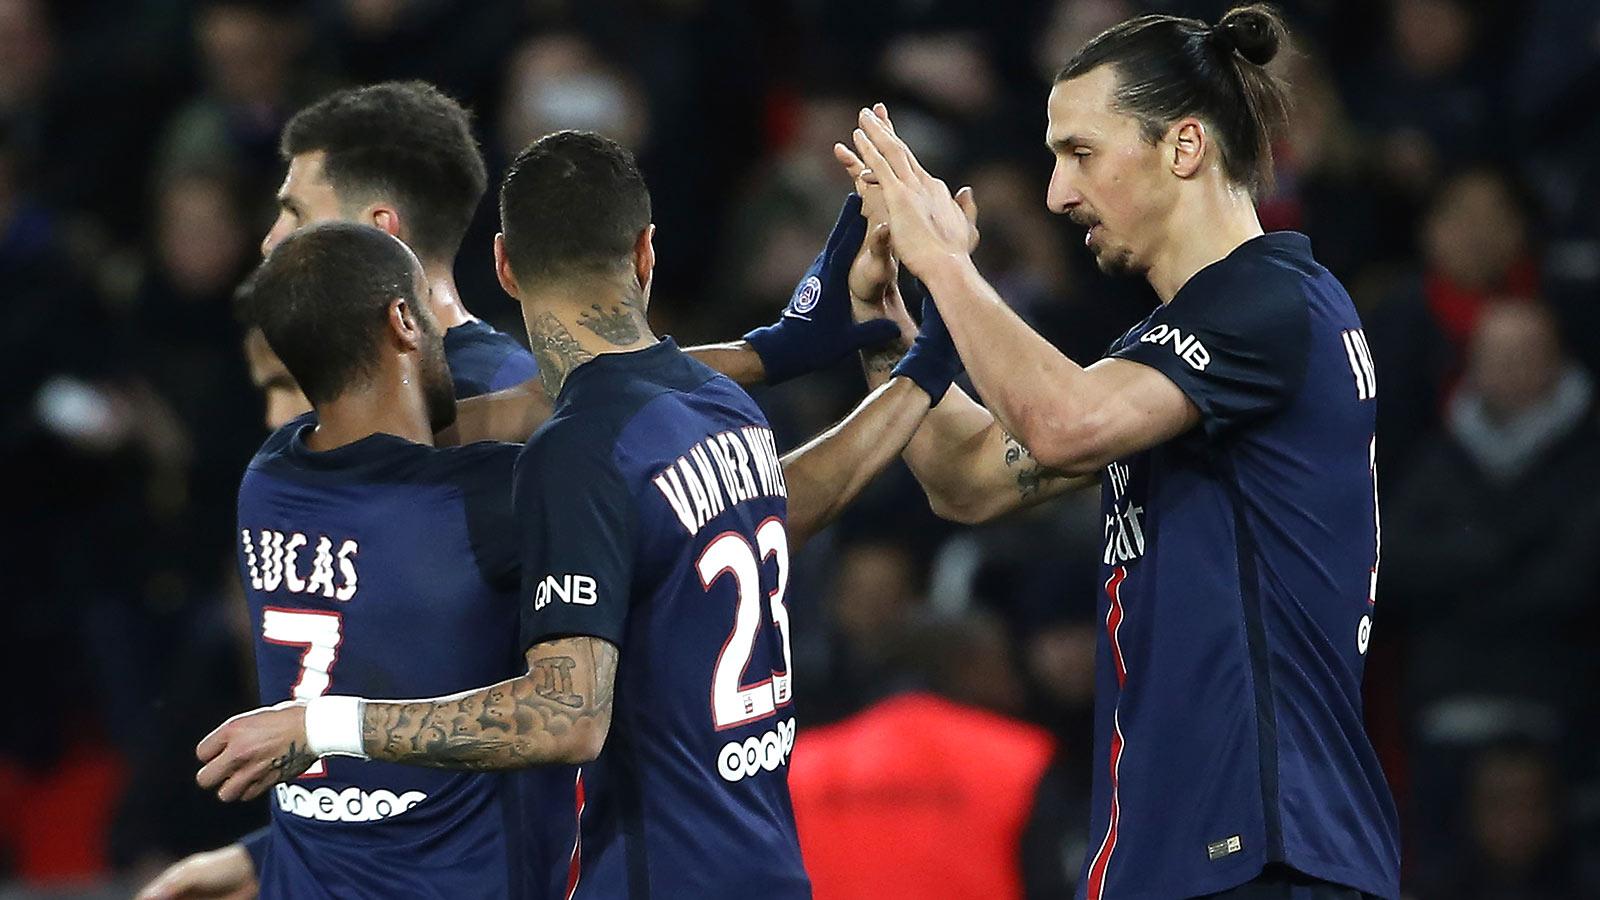 Zlatan Ibrahimovic scores double as PSG rout Reims